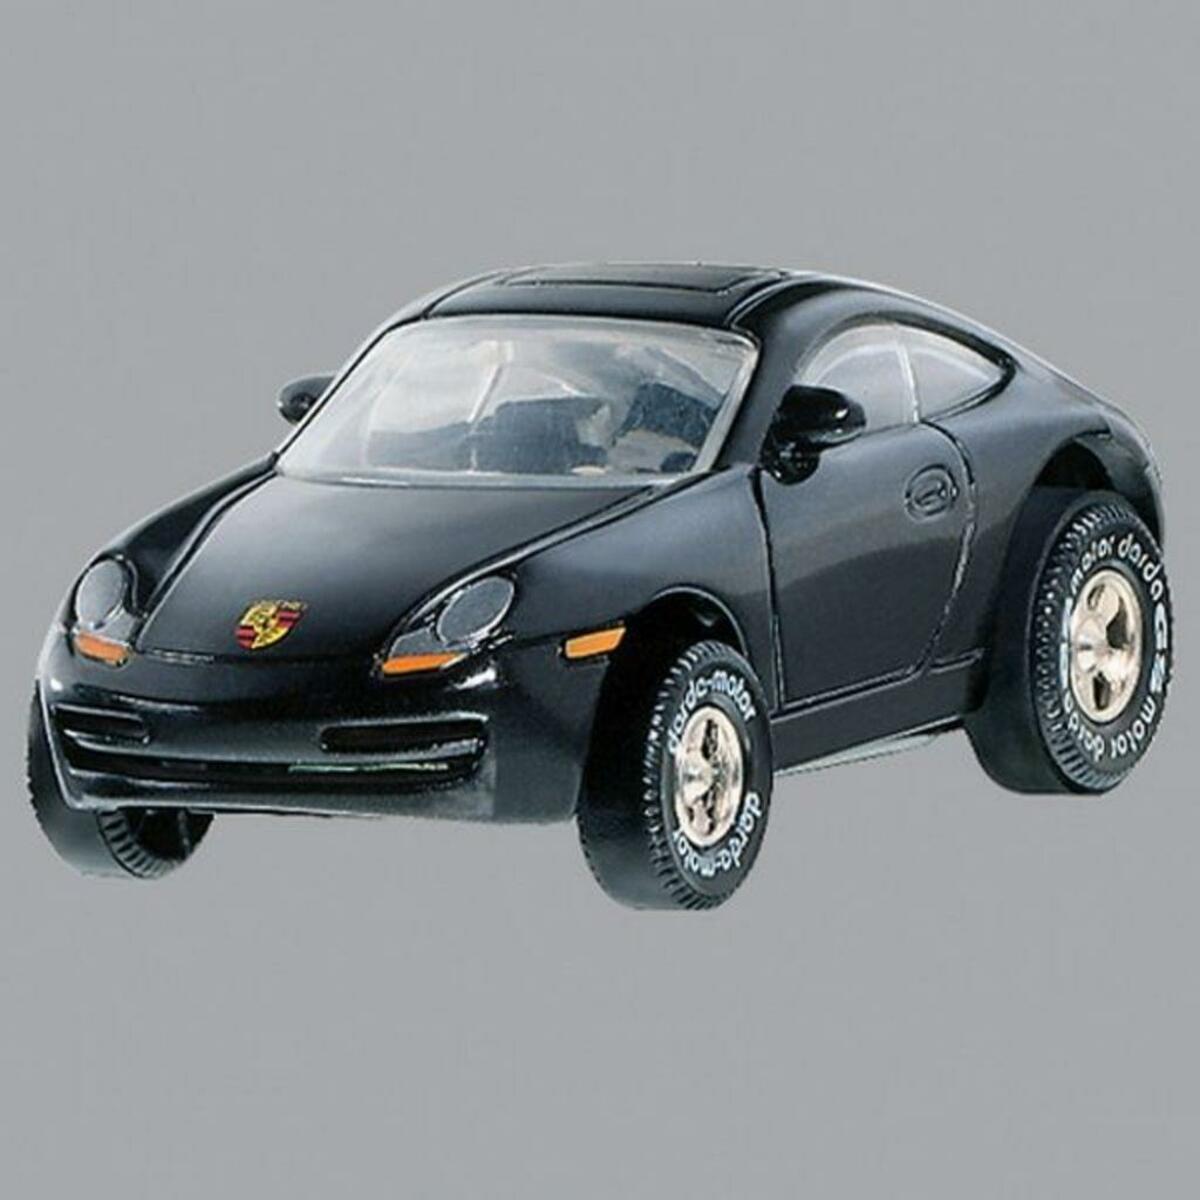 Bild 3 von Simm 50309 Darda - Porsche 911 schwarz